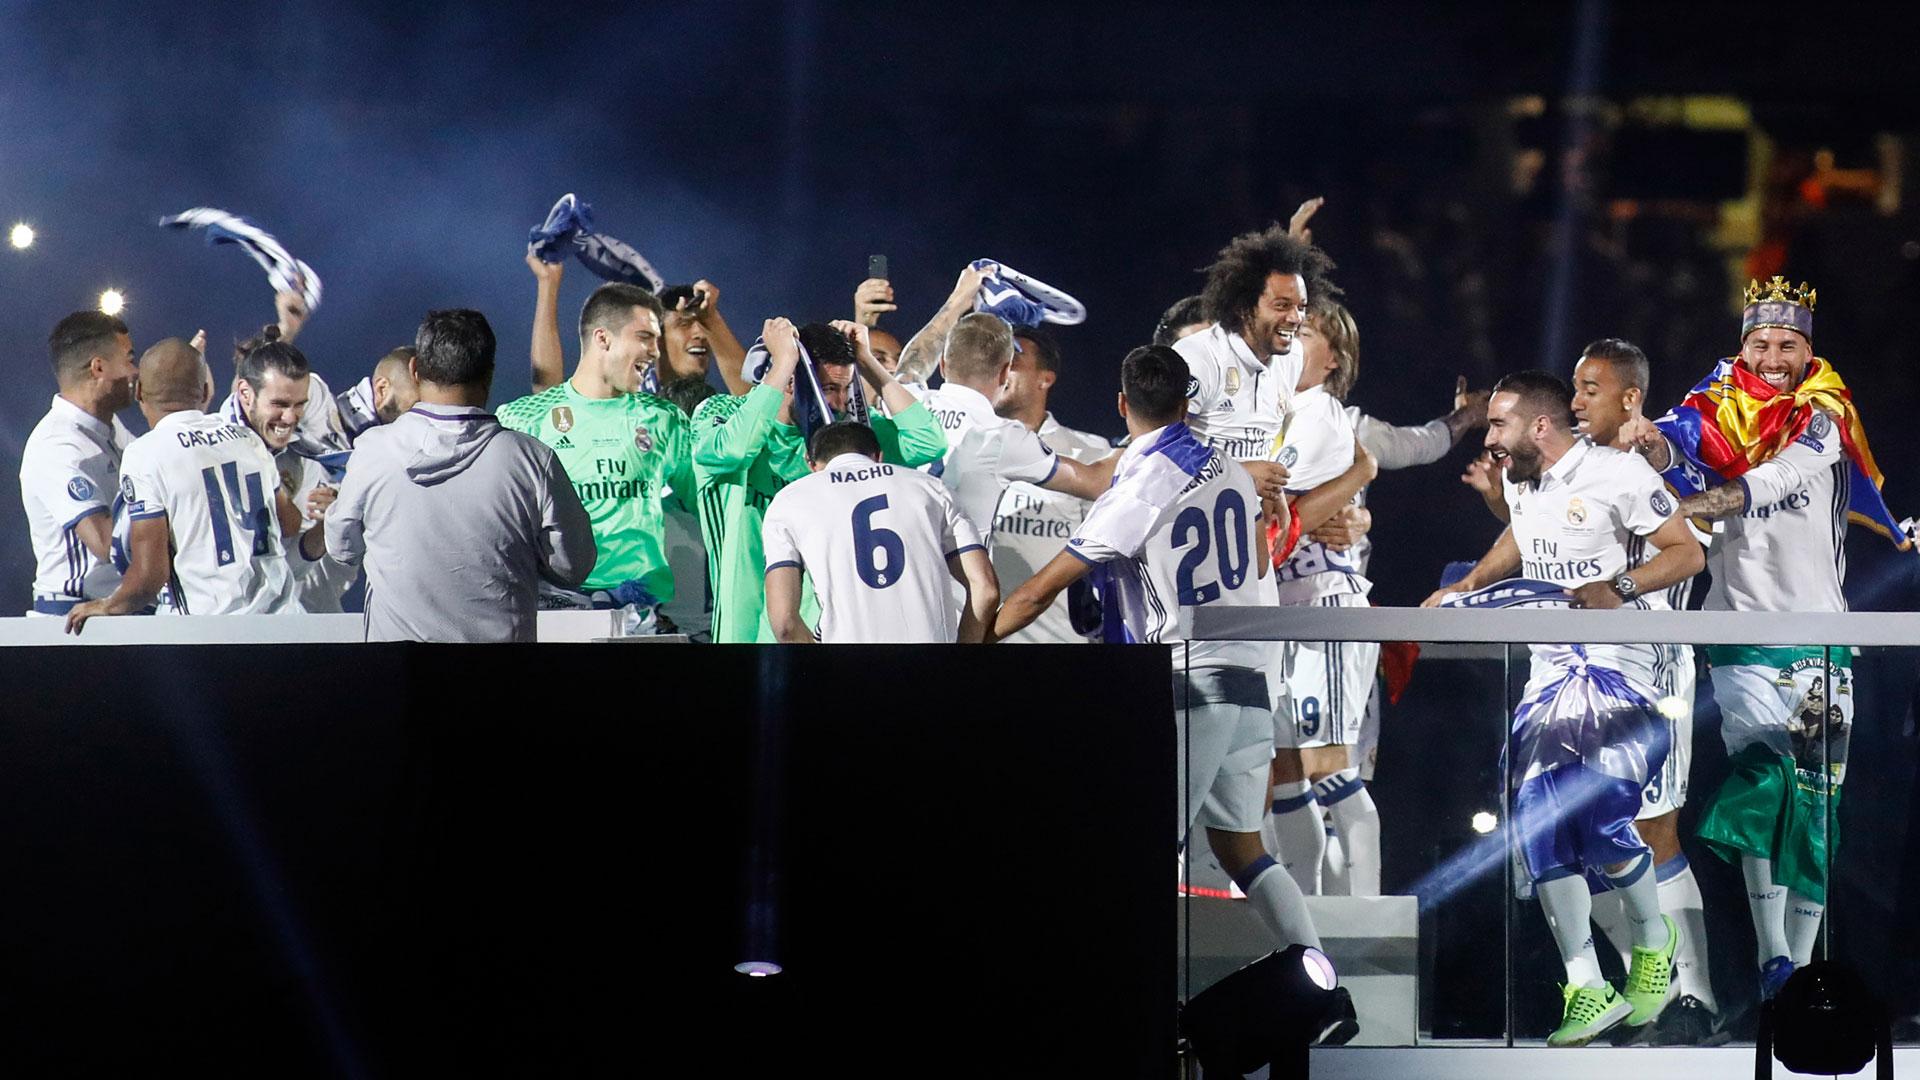 Real Madrid eliminó a equipos de la talla de Atlético Madrid y Bayern Múnich